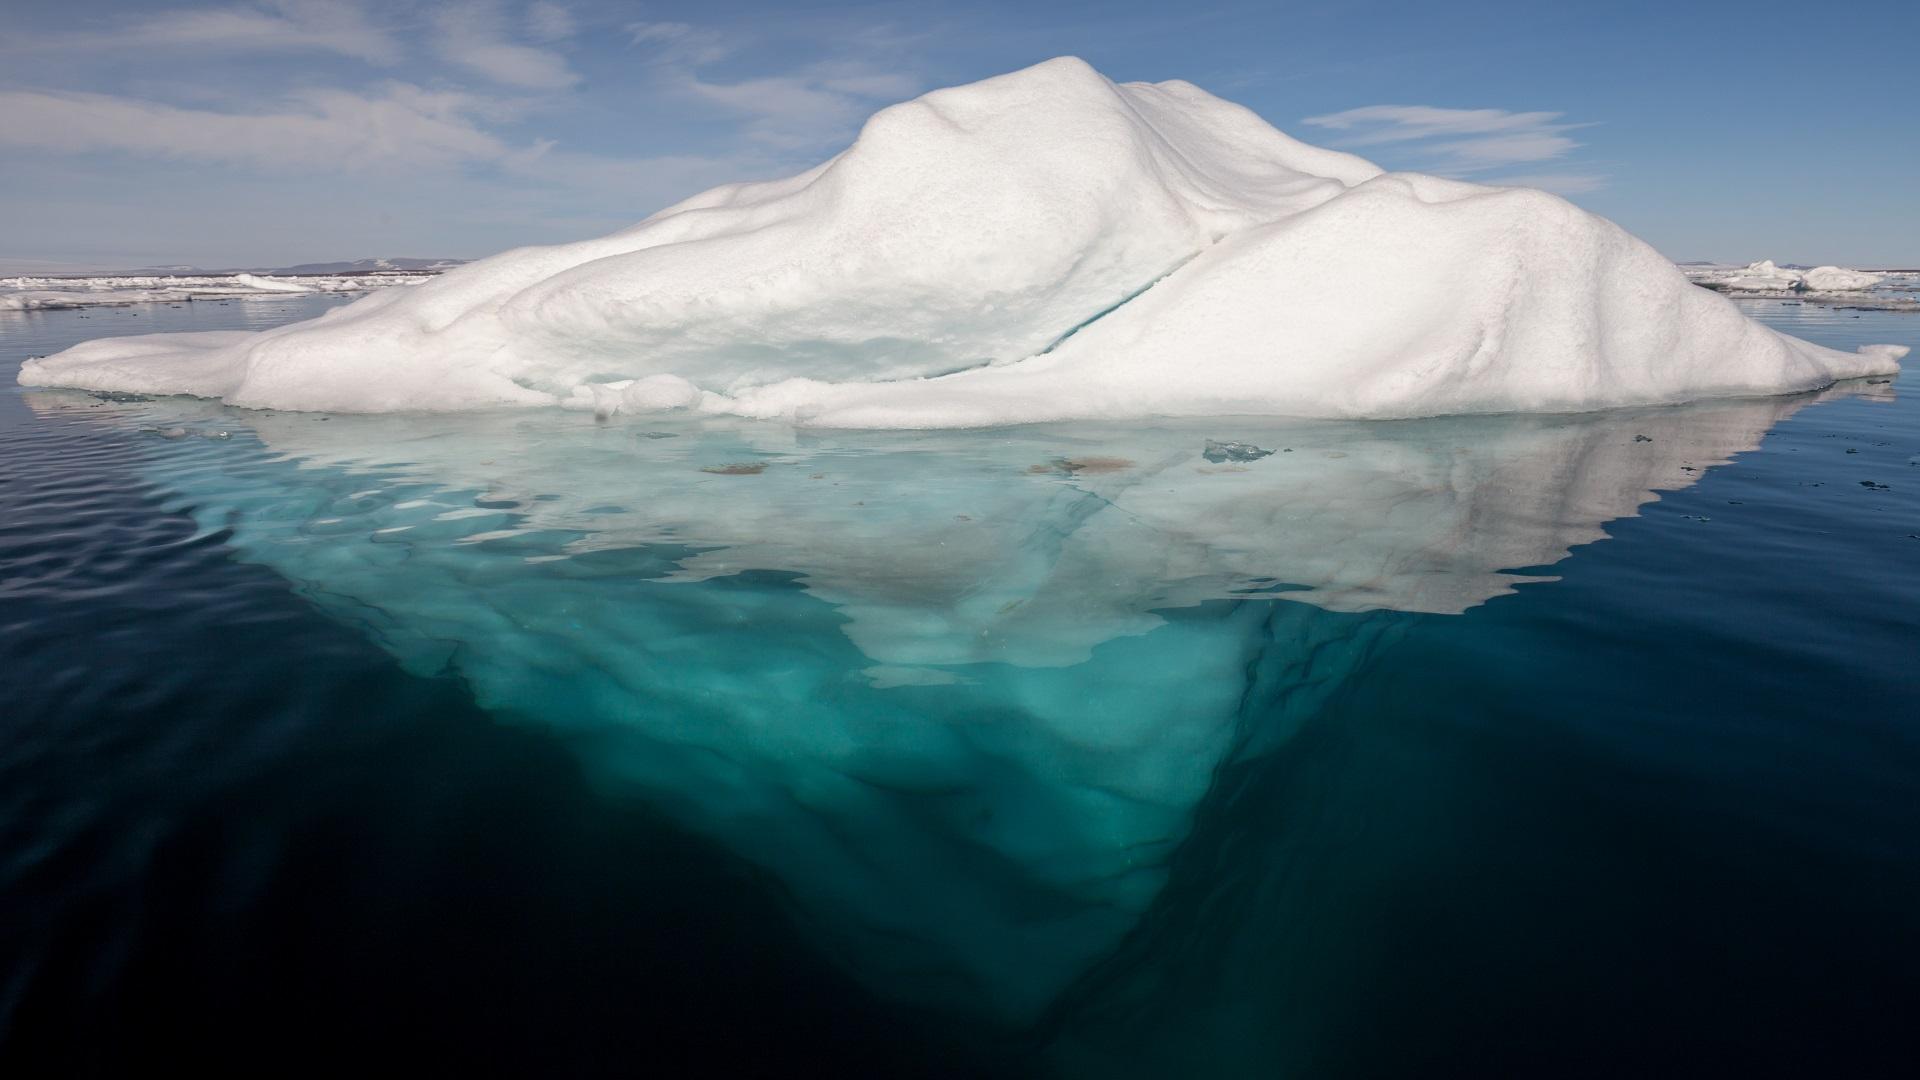 70 billones de dólares: lo que costaría económicamente el deshielo del Ártico